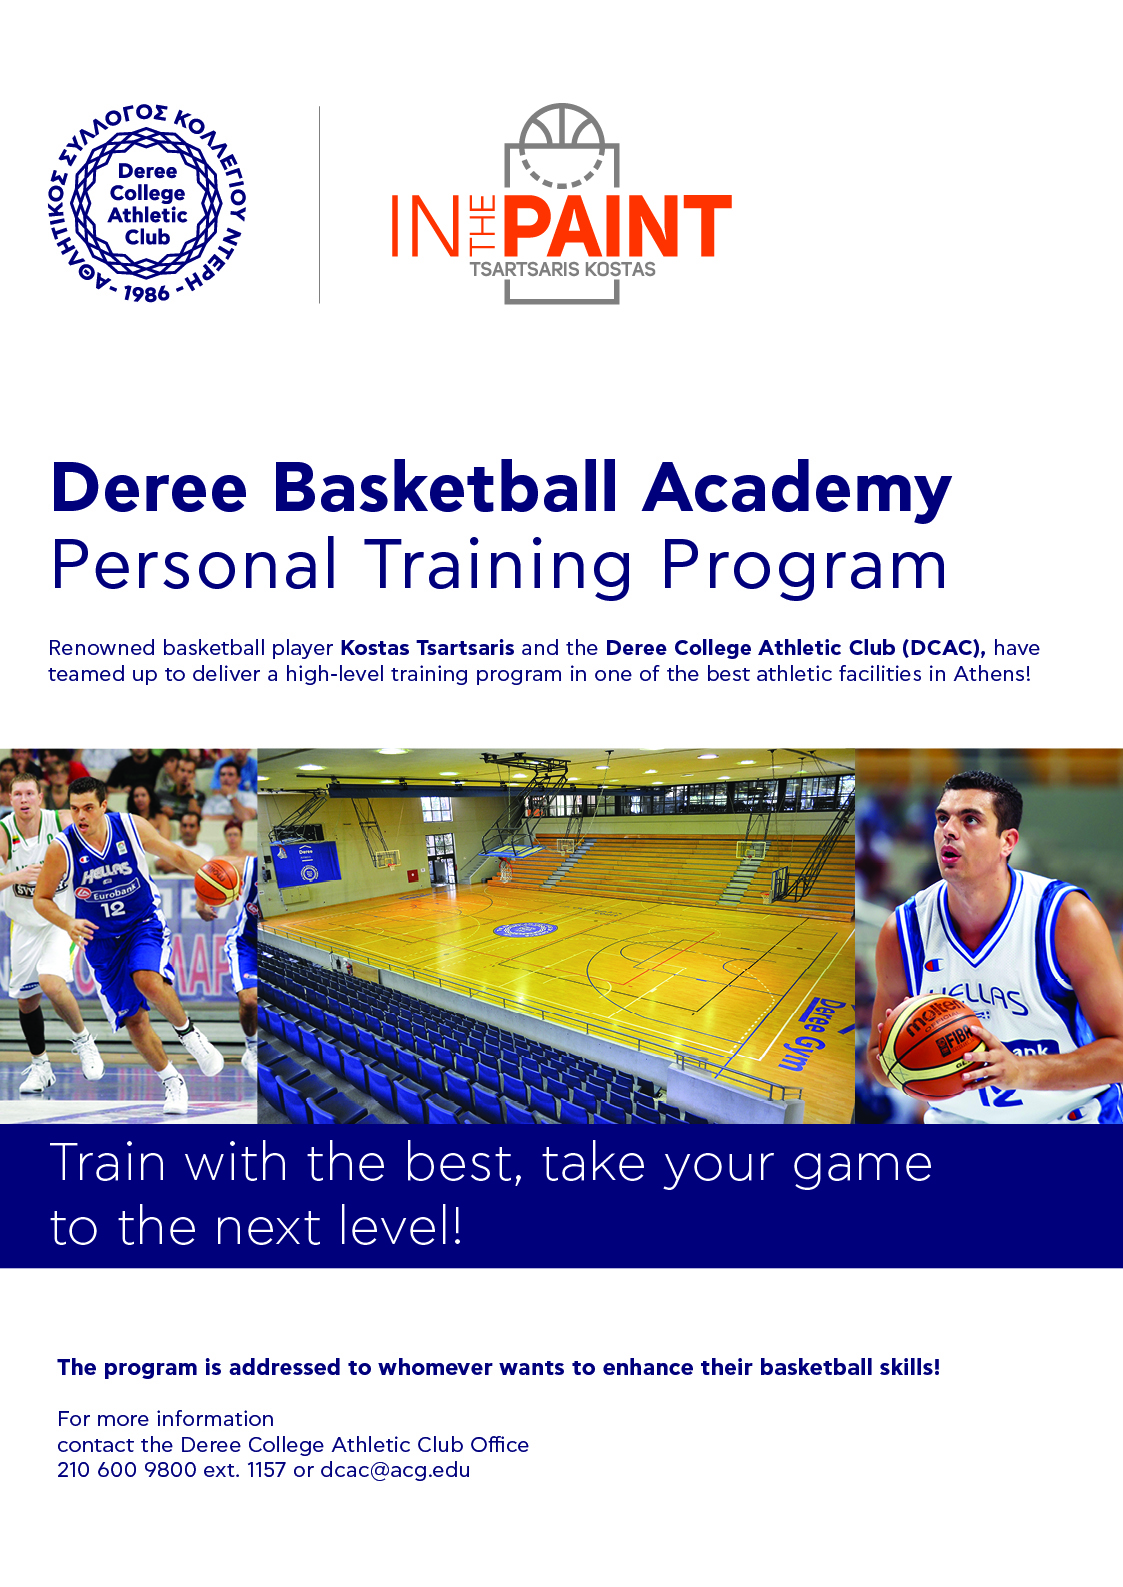 Ανοιχτό πρόγραμμα ατομικών προπονήσεων basketball με τον Κώστα Τσαρτσαρή!